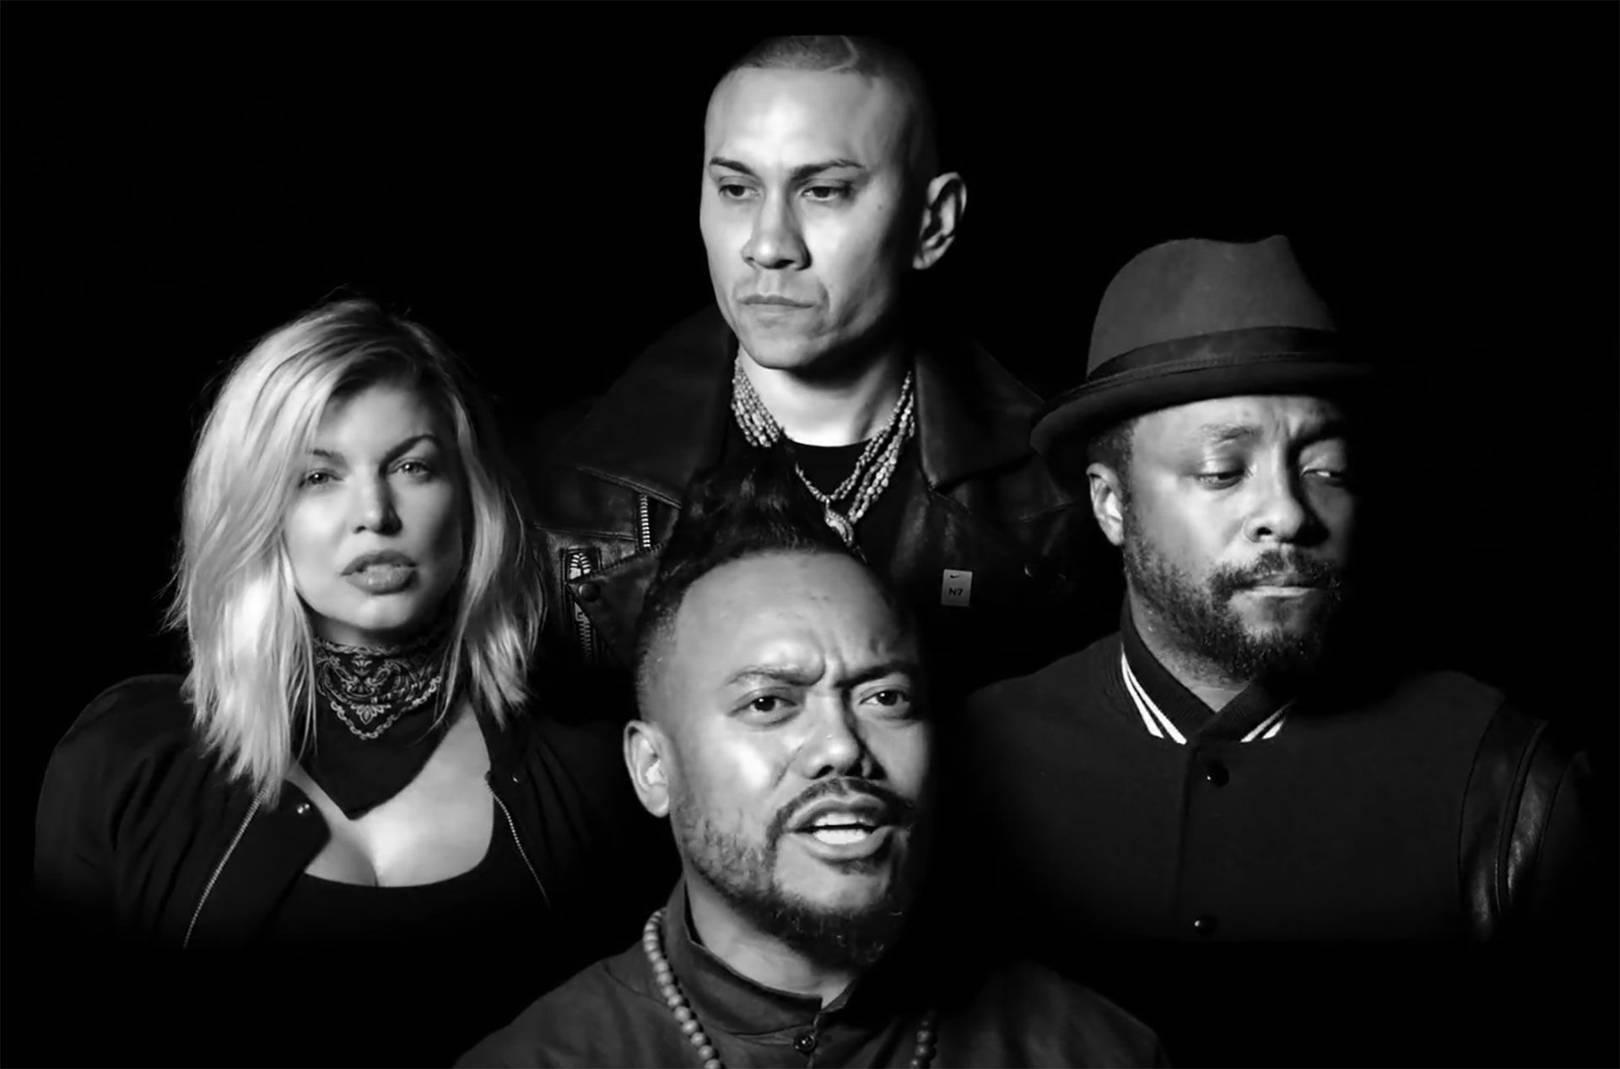 Песня The Black Eyed Peas - #WHERESTHELOVE